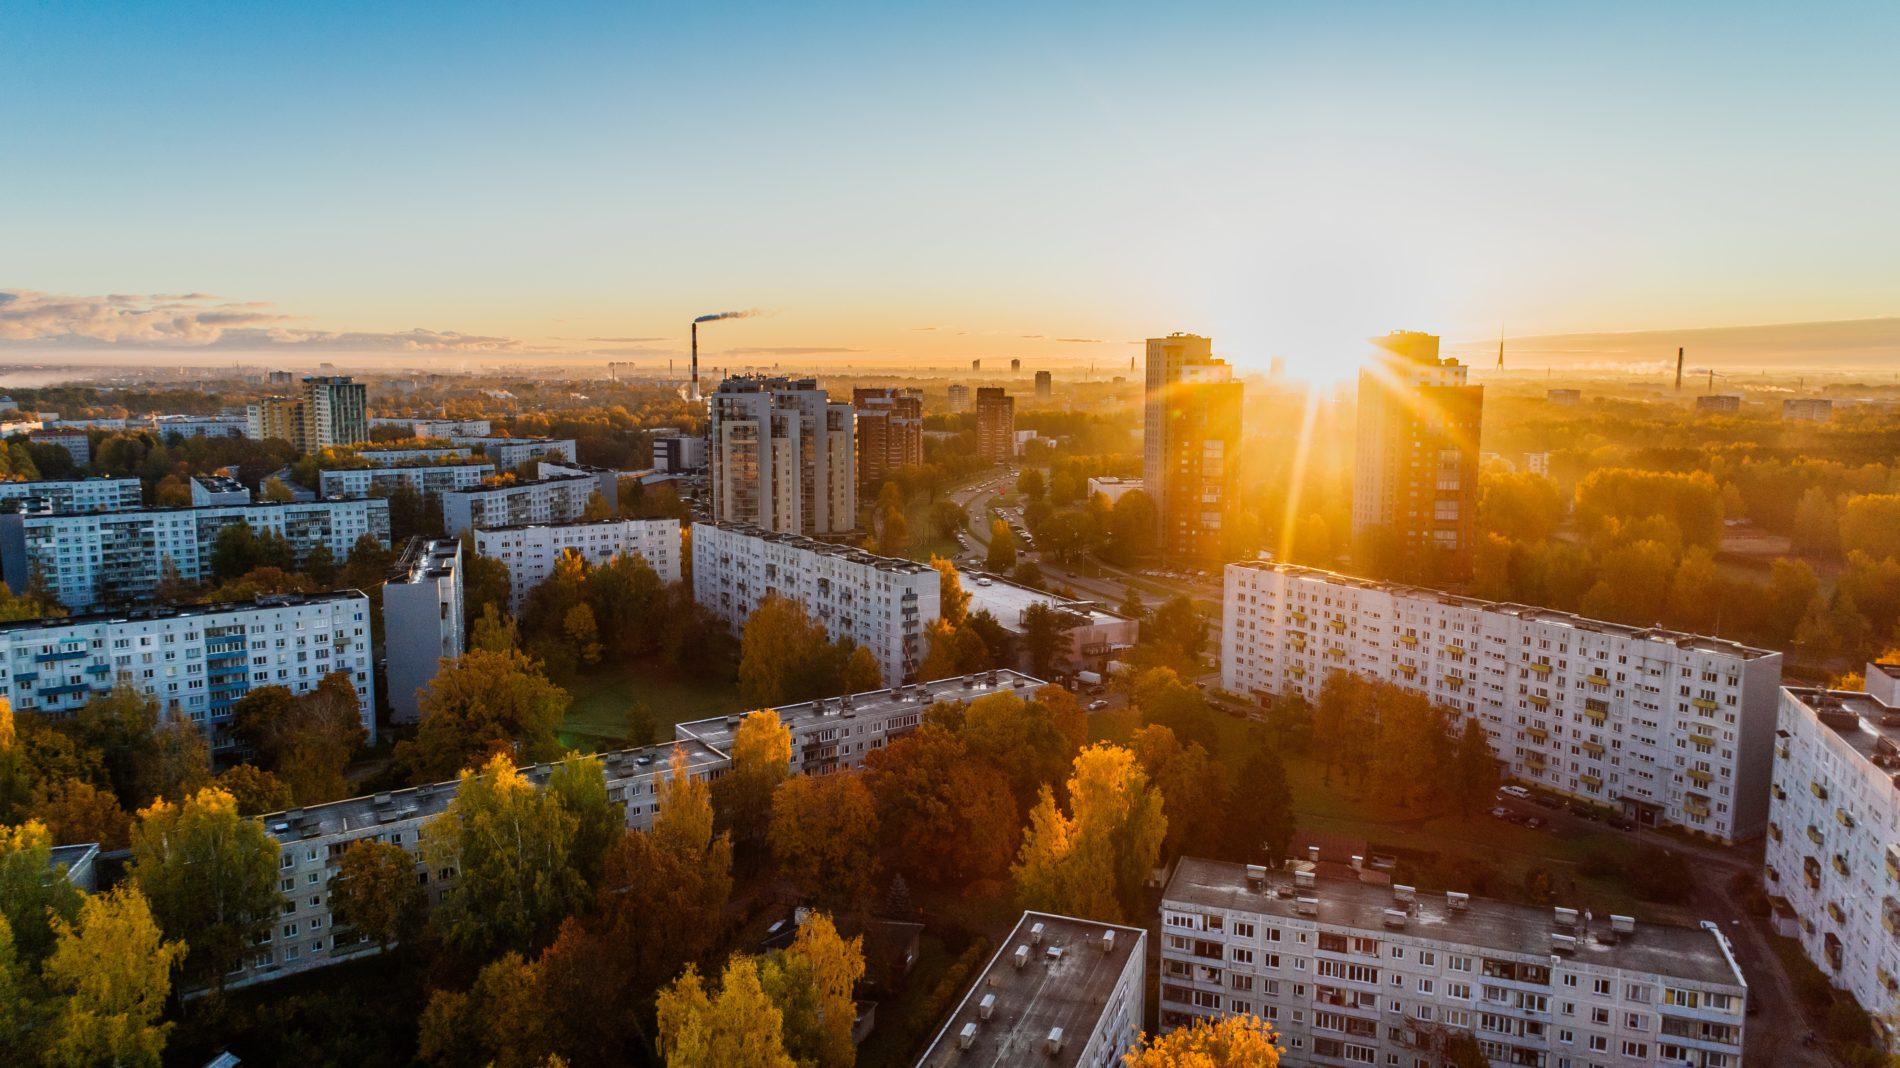 Polski rynek nieruchomości w obliczu potencjalnej bańki cenowej